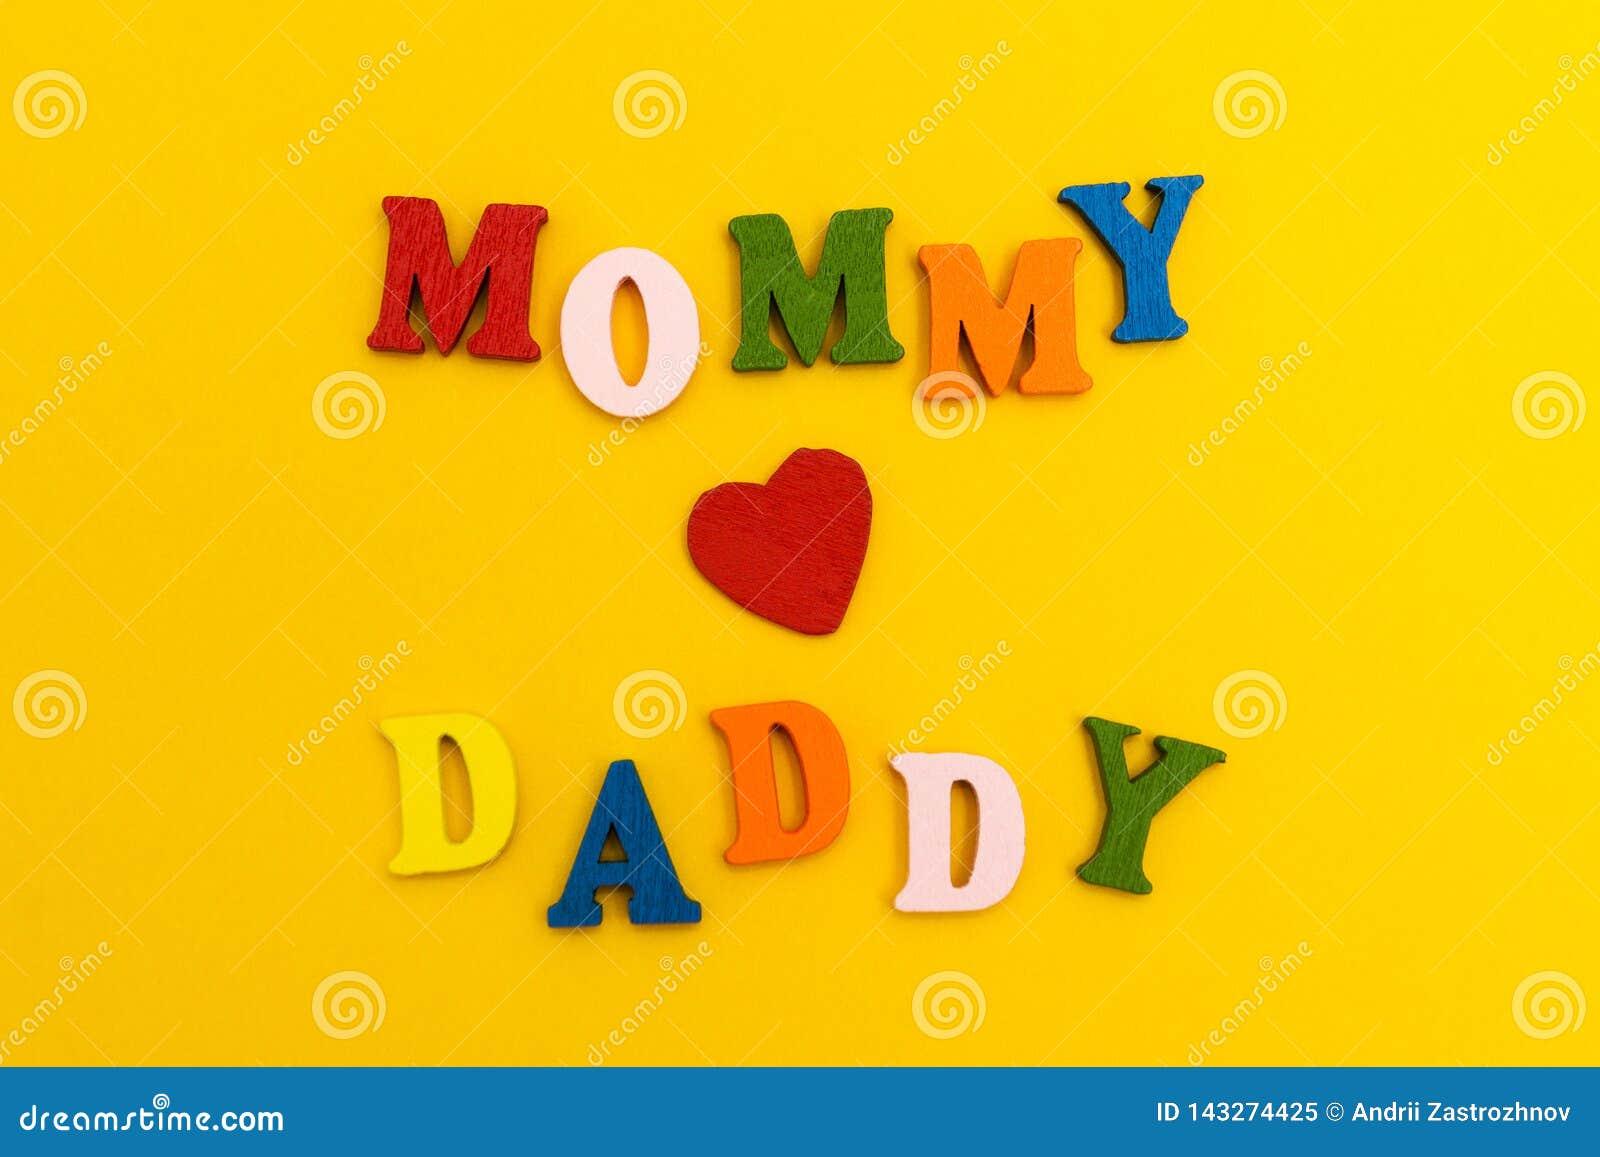 El corazón rojo en un fondo amarillo, mamá ama al papá